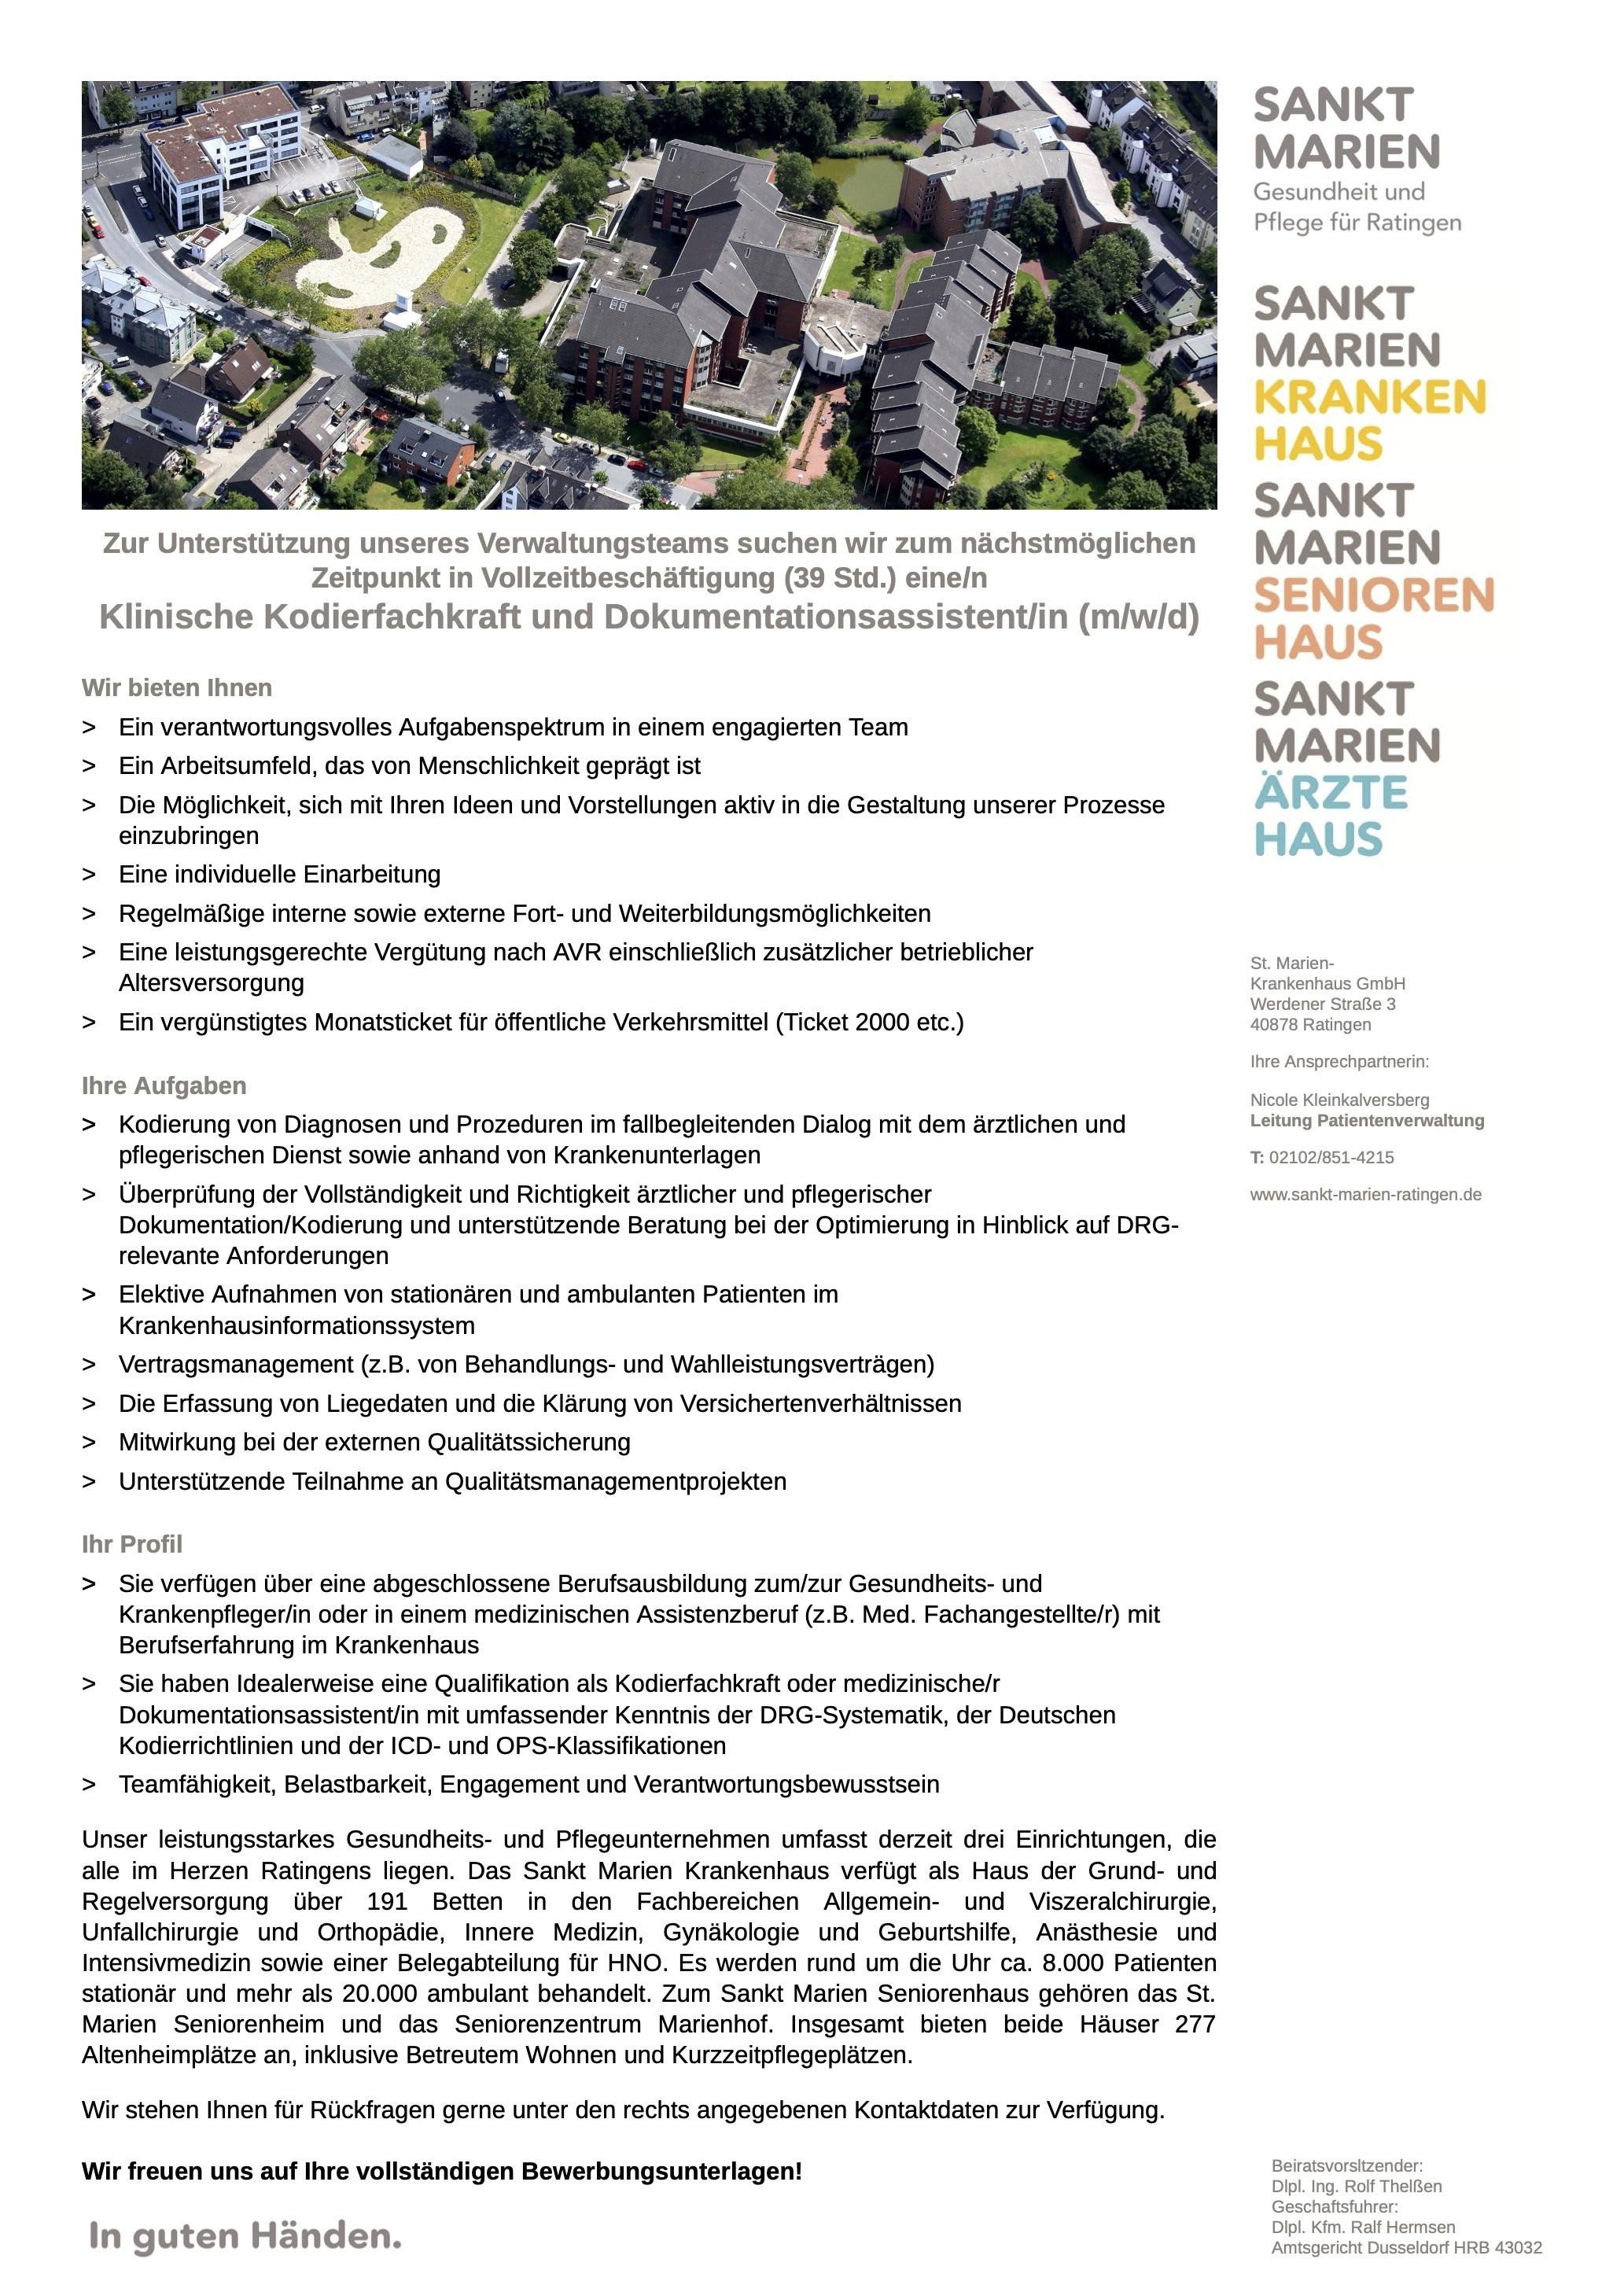 Klinische Kodierfachkraft und Dokumentationsassistent/in (m/w/d)